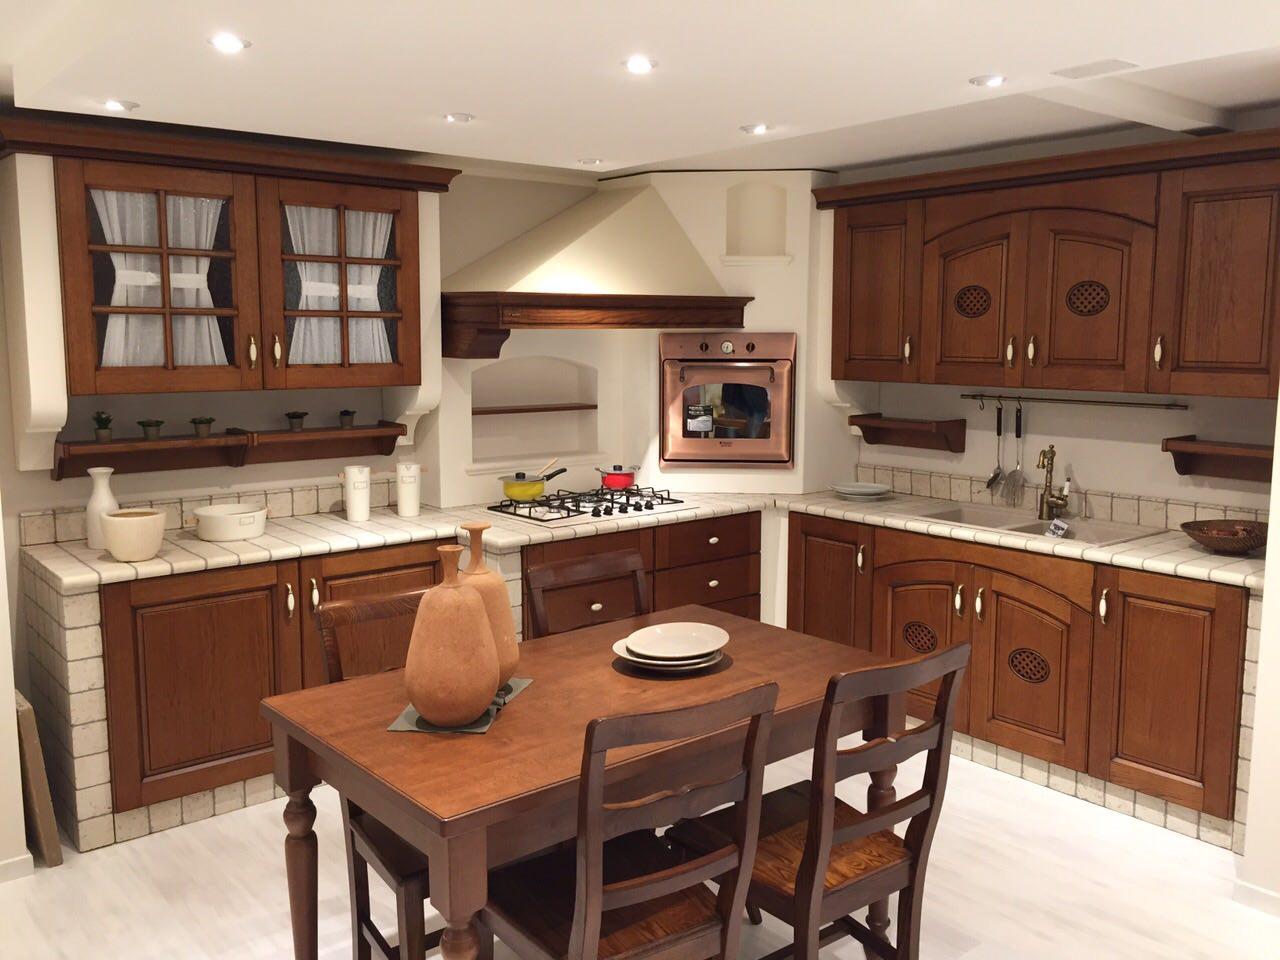 Cucina in muratura completa di elettrodomestici e tavolo e